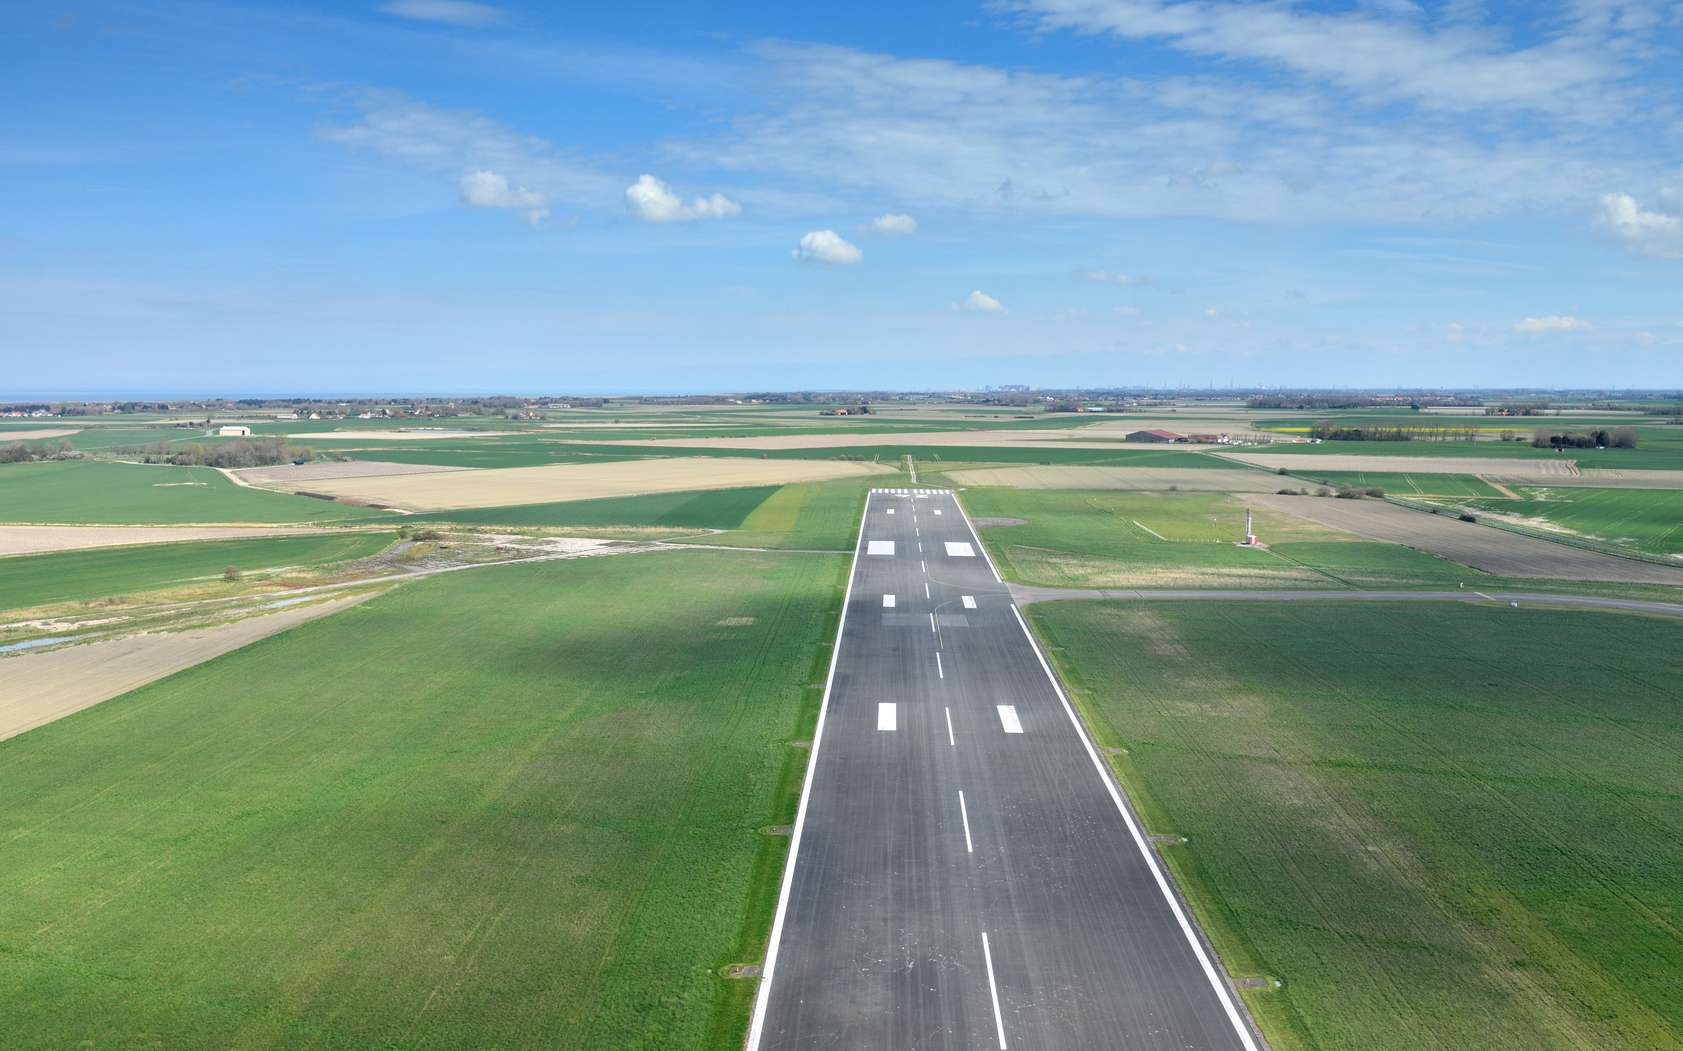 Le Diamond DA 42 utilisé pour expérimenter le système d'atterrissage autonome par GPS et caméra est un bi-moteur de quatre places apprécié pour la formation des pilotes de ligne. © Image'in, Fotolia